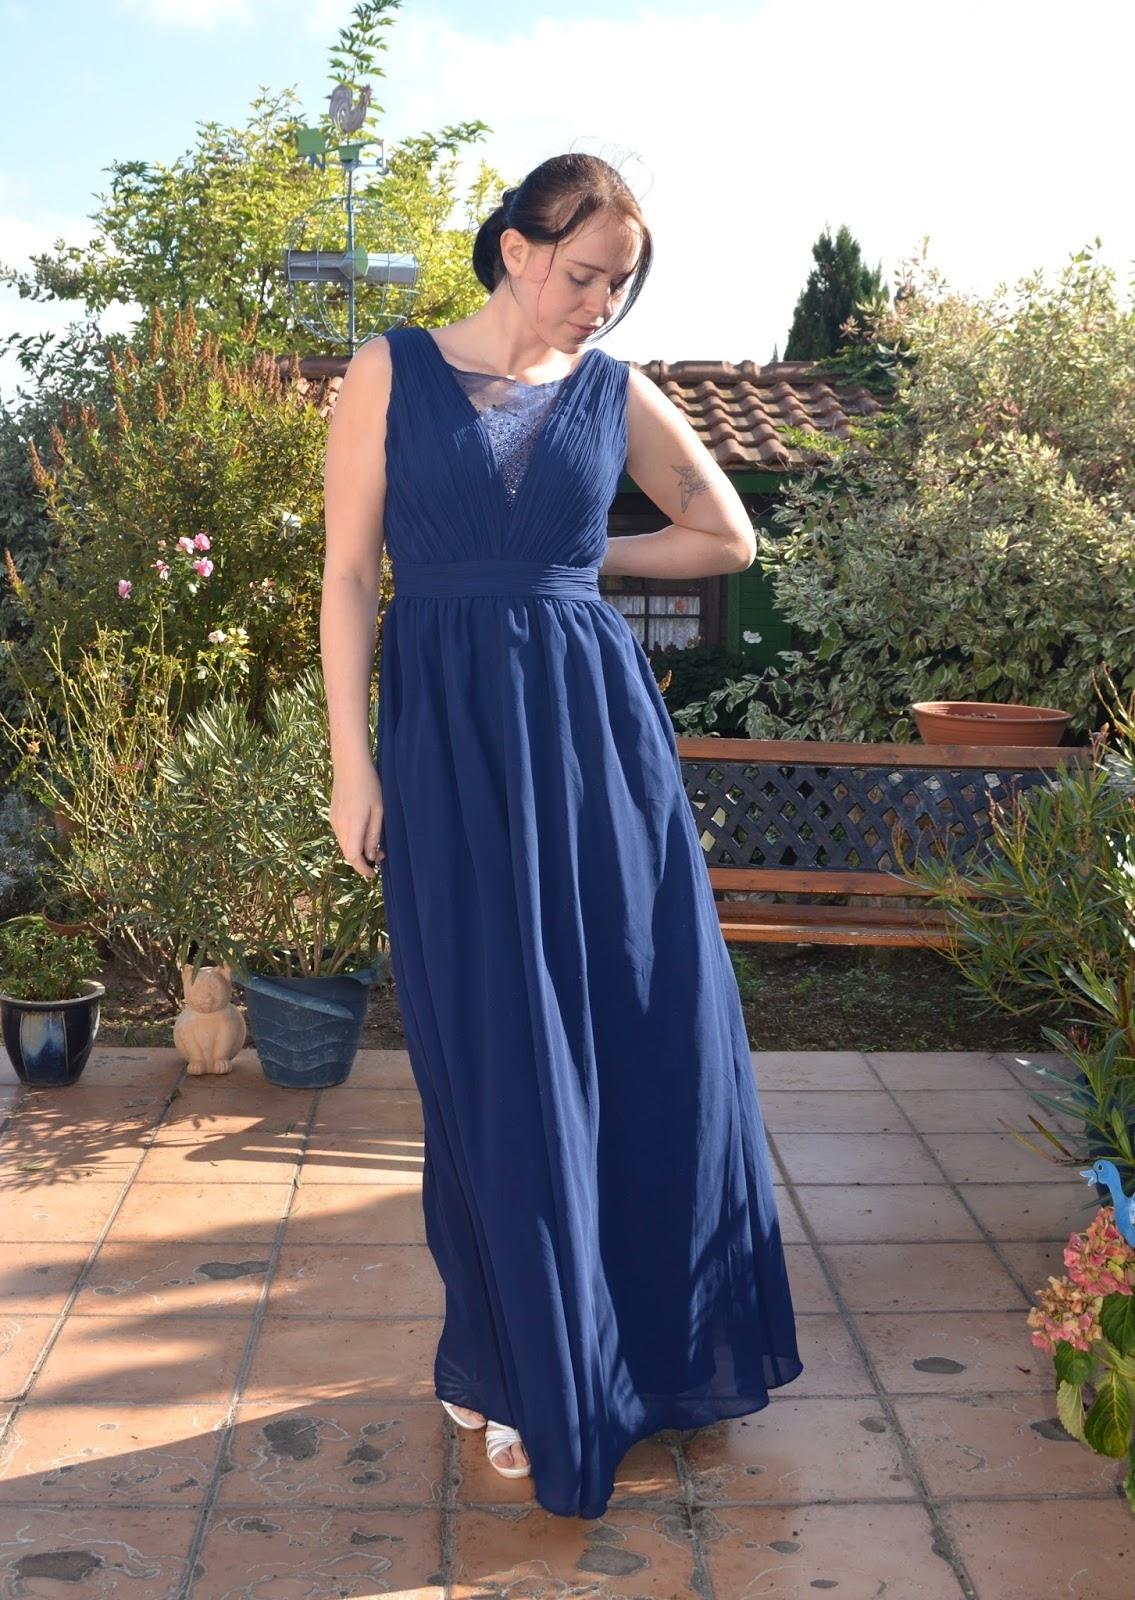 17 Leicht Dunkelblaues Langes Kleid Bester Preis Schön Dunkelblaues Langes Kleid Stylish